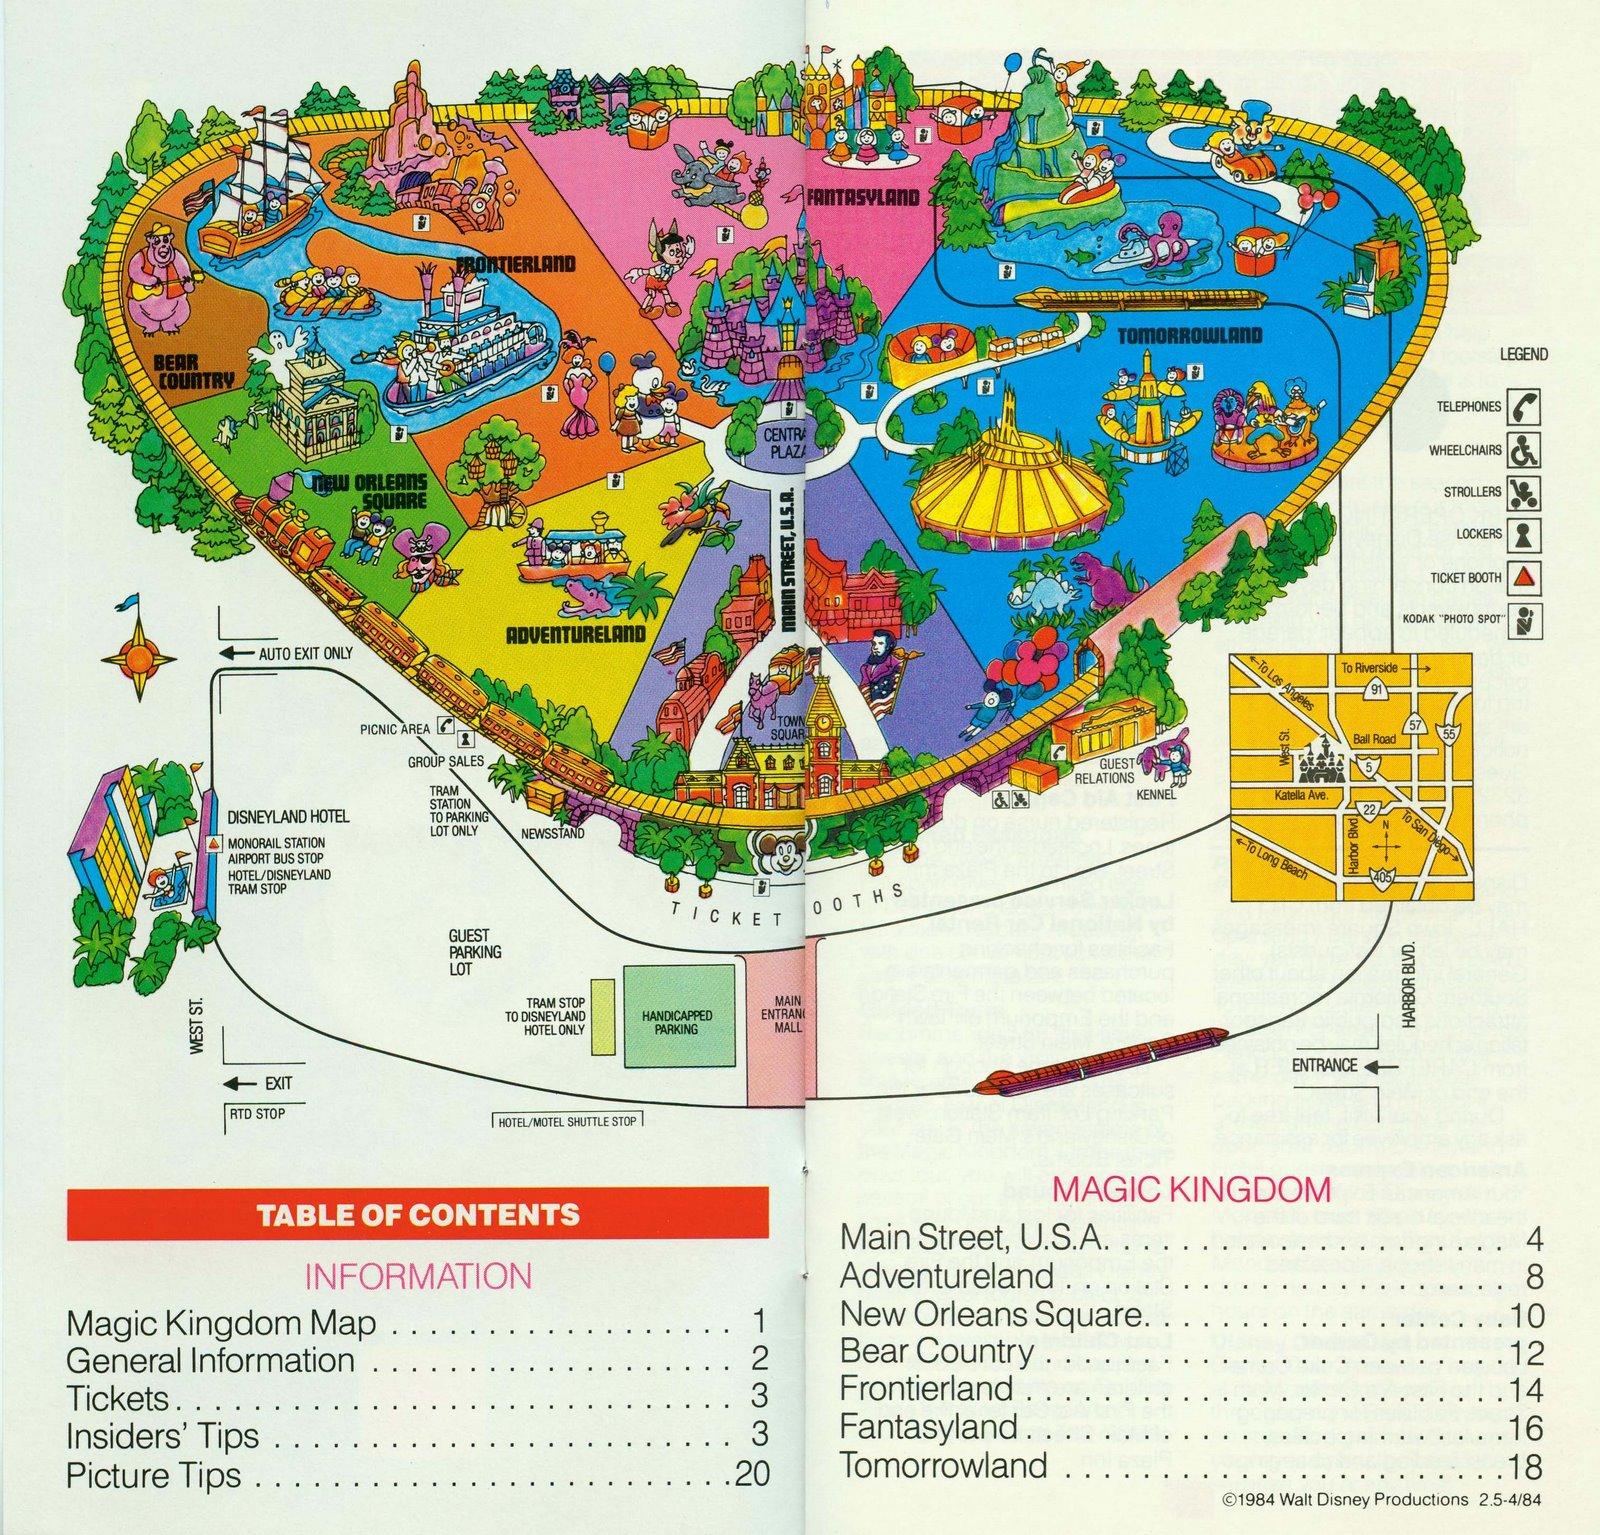 Image Guide Map 84b Jpg Disneywiki